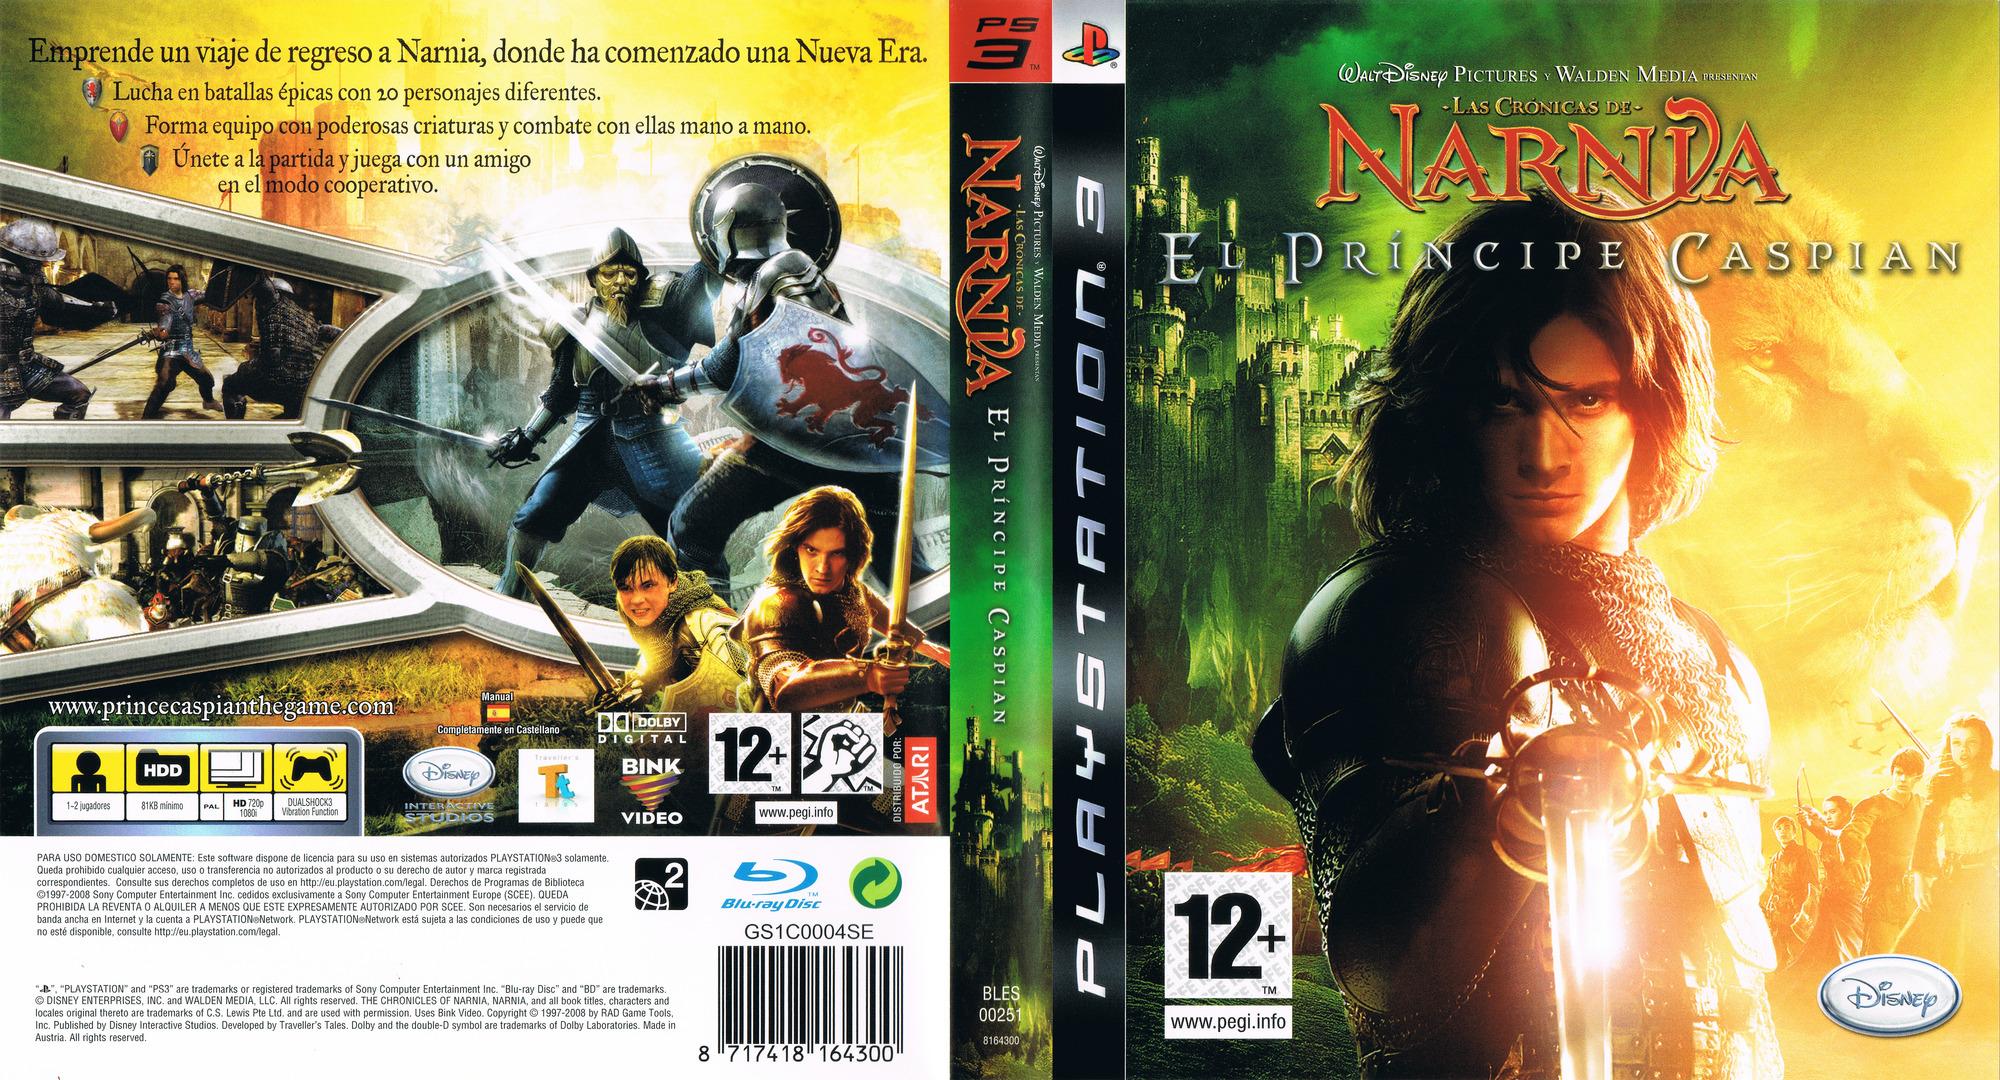 Las Crónicas de Narnia: El Príncipe Caspian PS3 coverfullHQ (BLES00251)